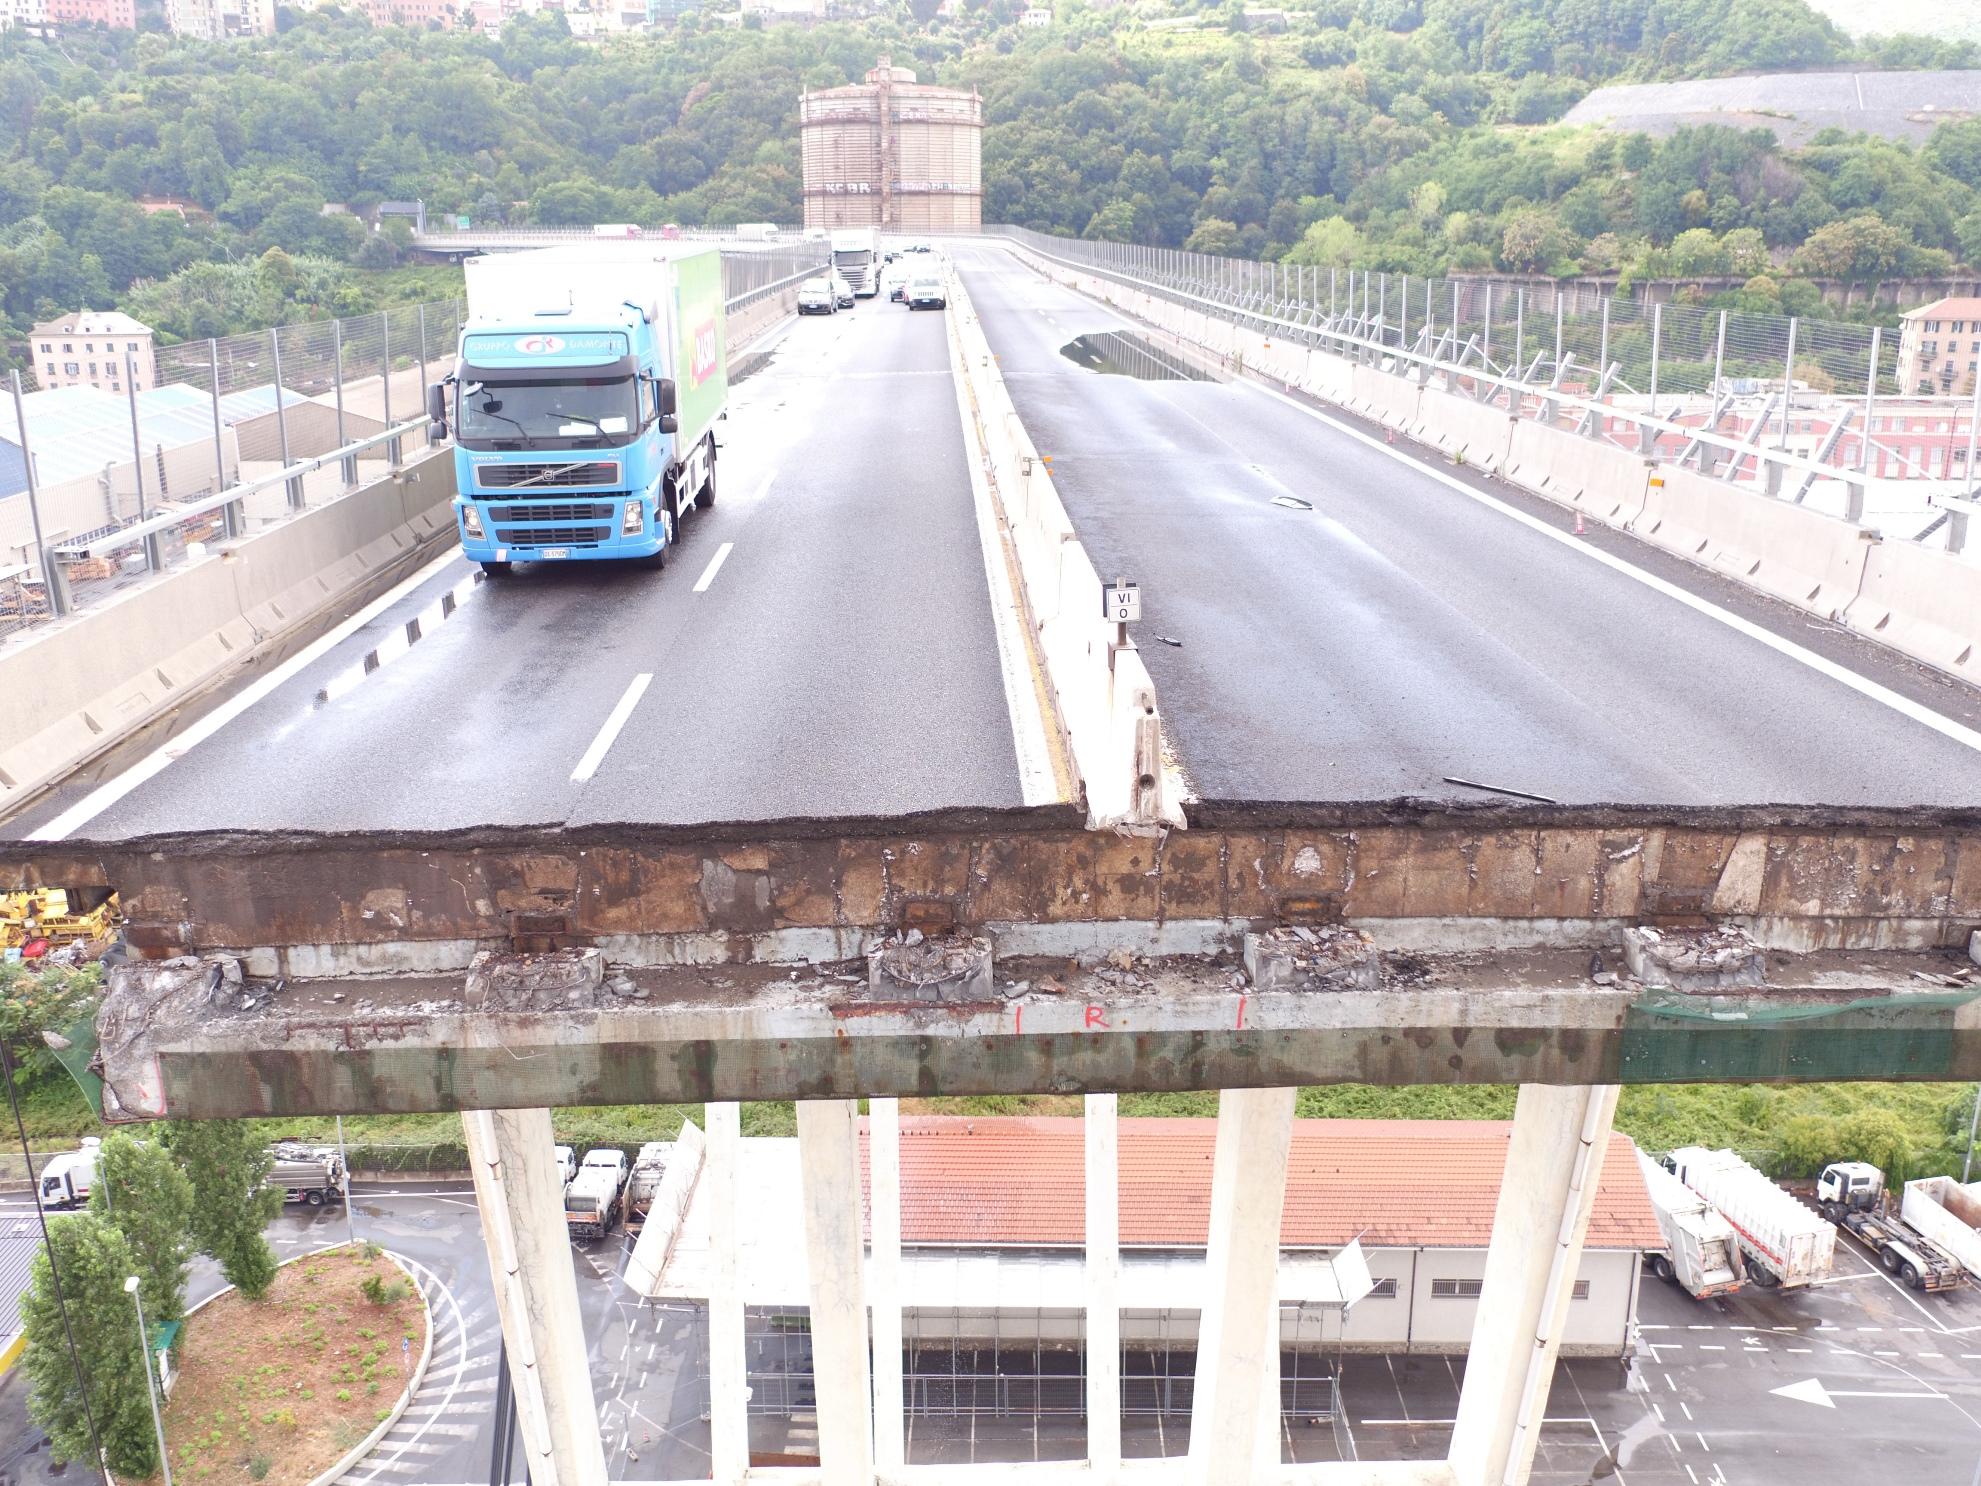 Il ponte di Genova: Cronologia di un disastro, una scena del documentario